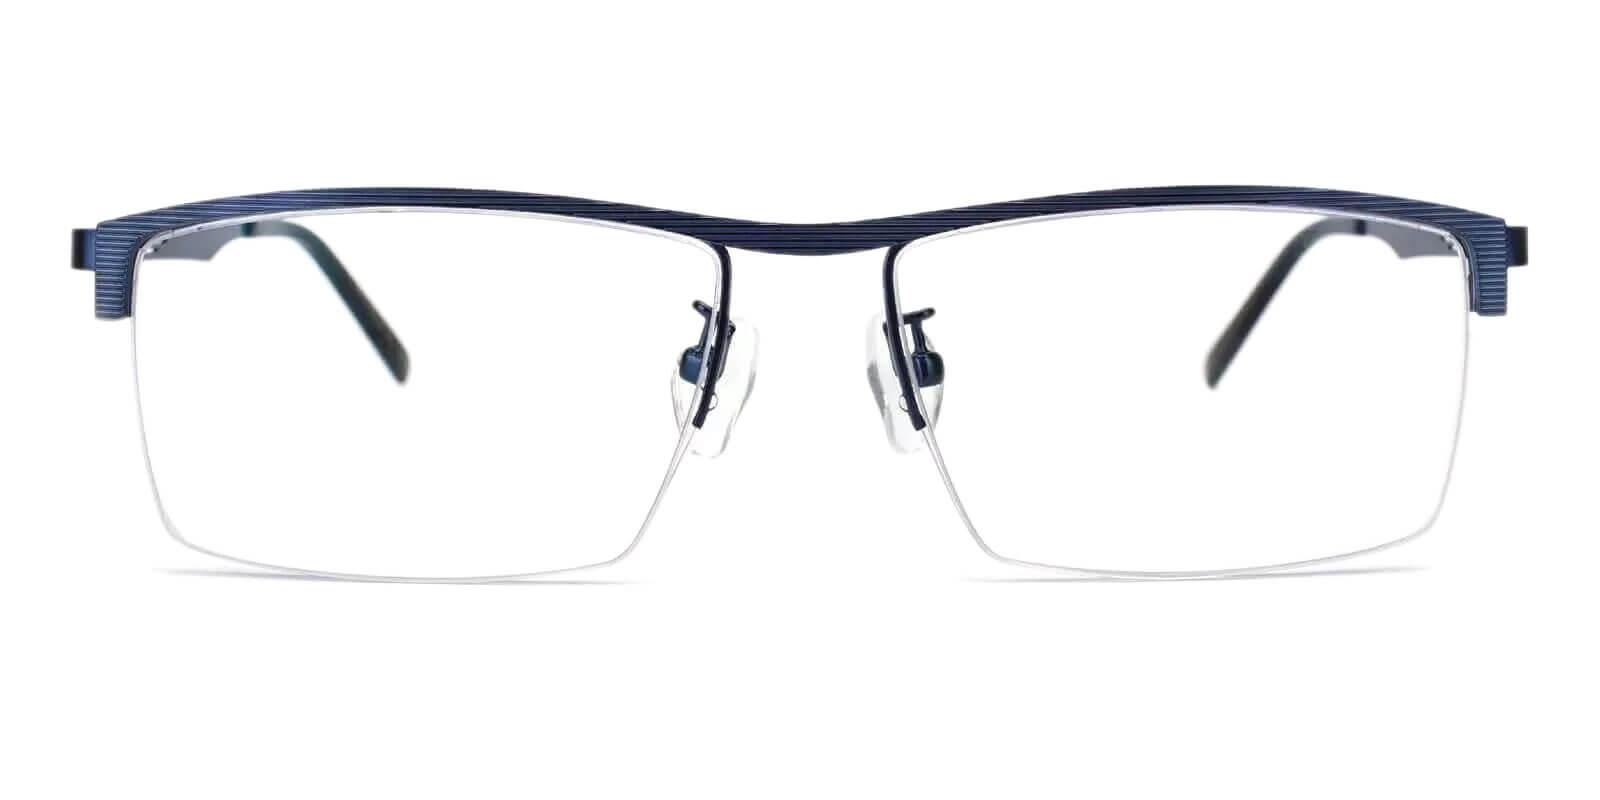 Henry Blue Metal Eyeglasses , NosePads Frames from ABBE Glasses